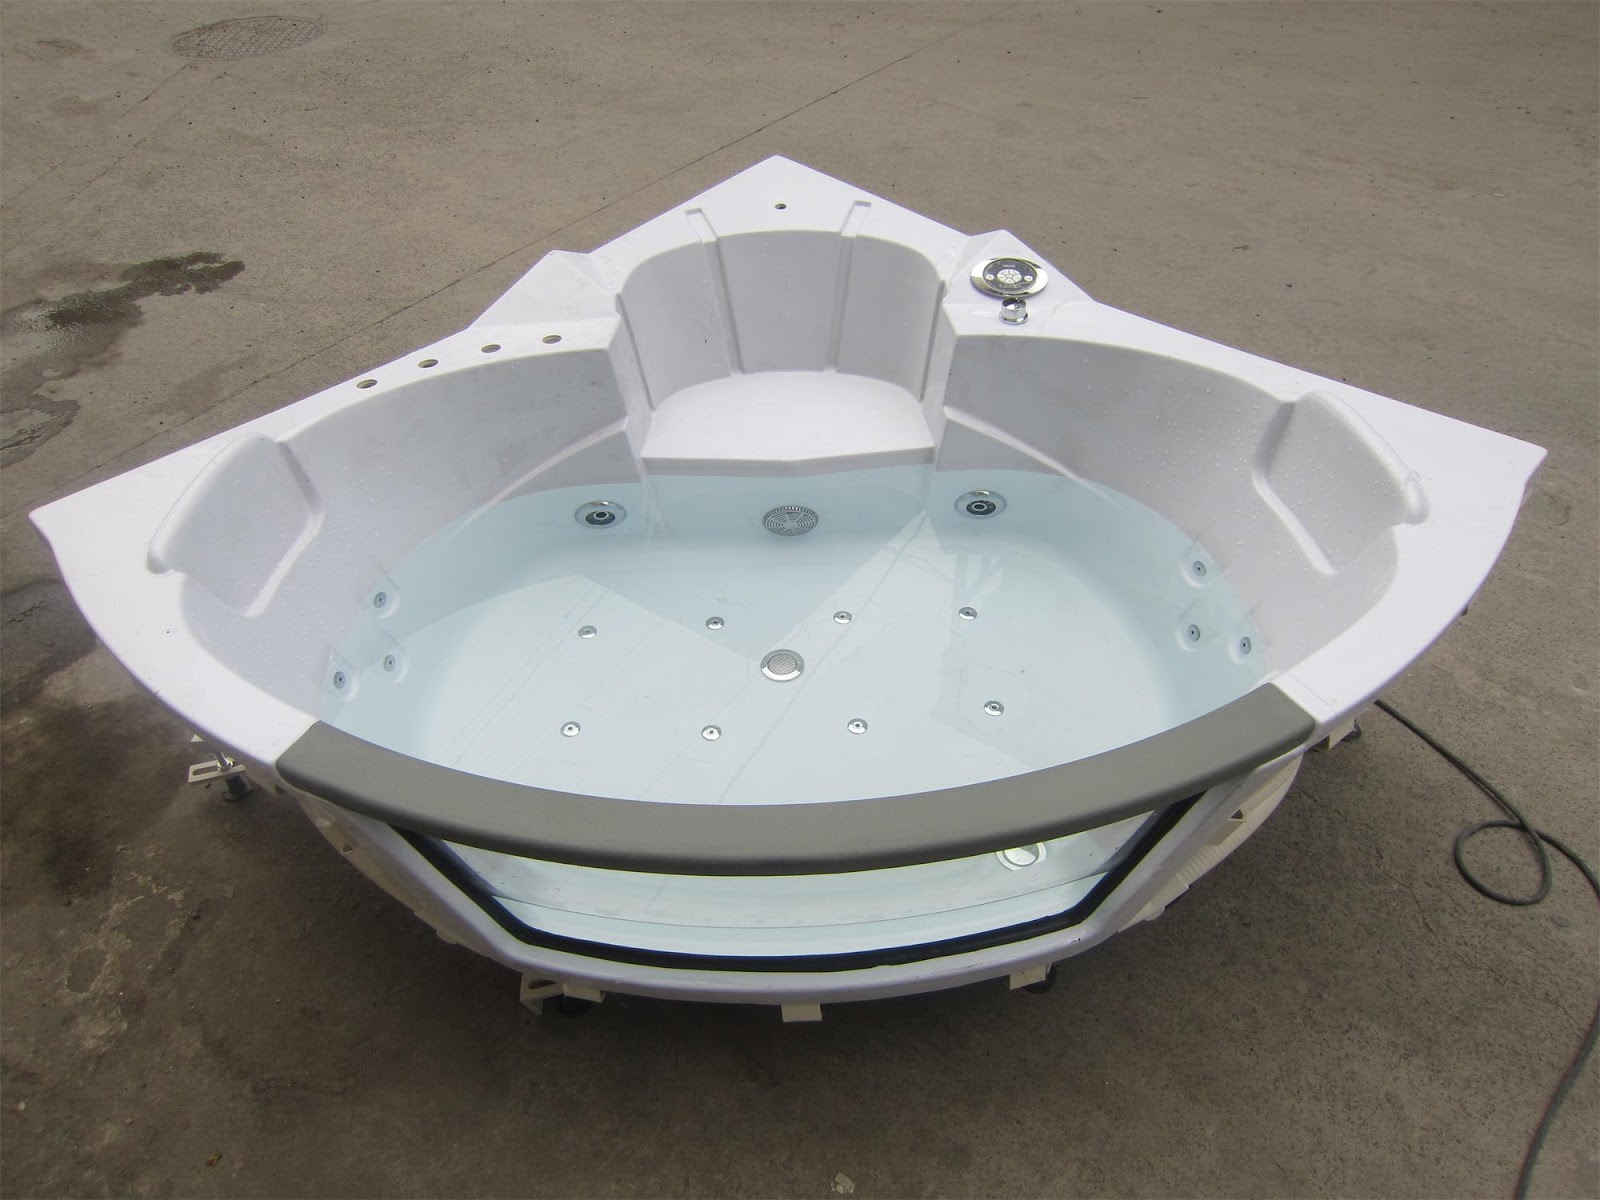 BATHTUB IN PRODUCTION